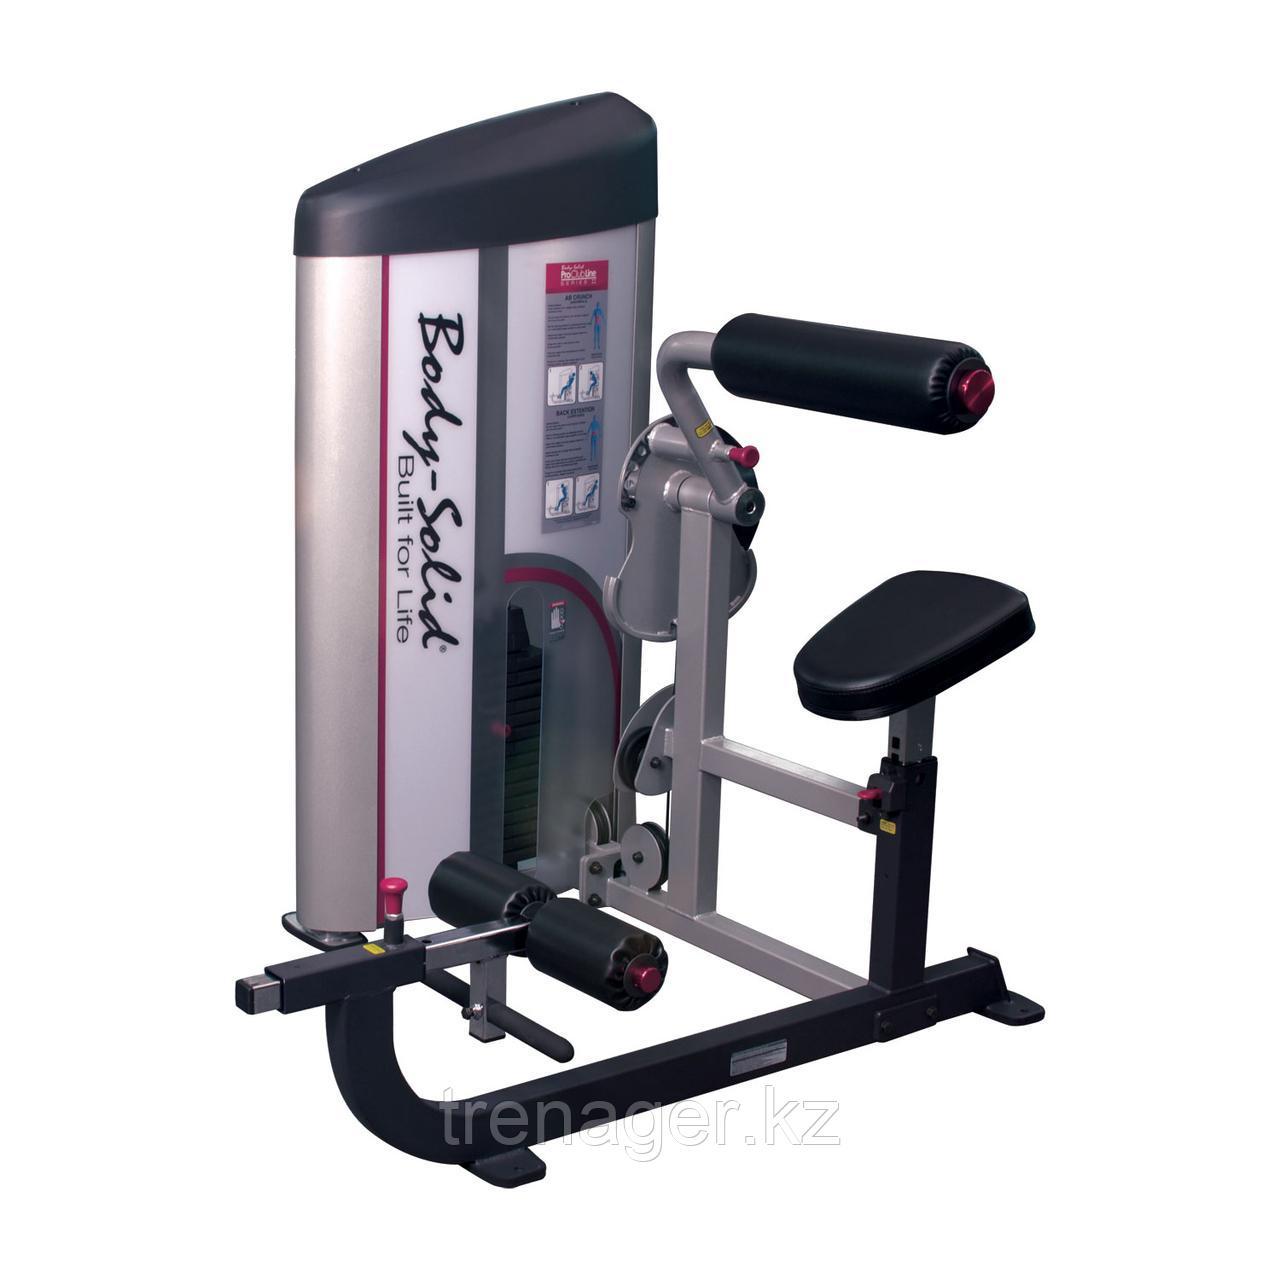 Тренажер для тренировки пресса\спины с весовым стеком 72,5 кг